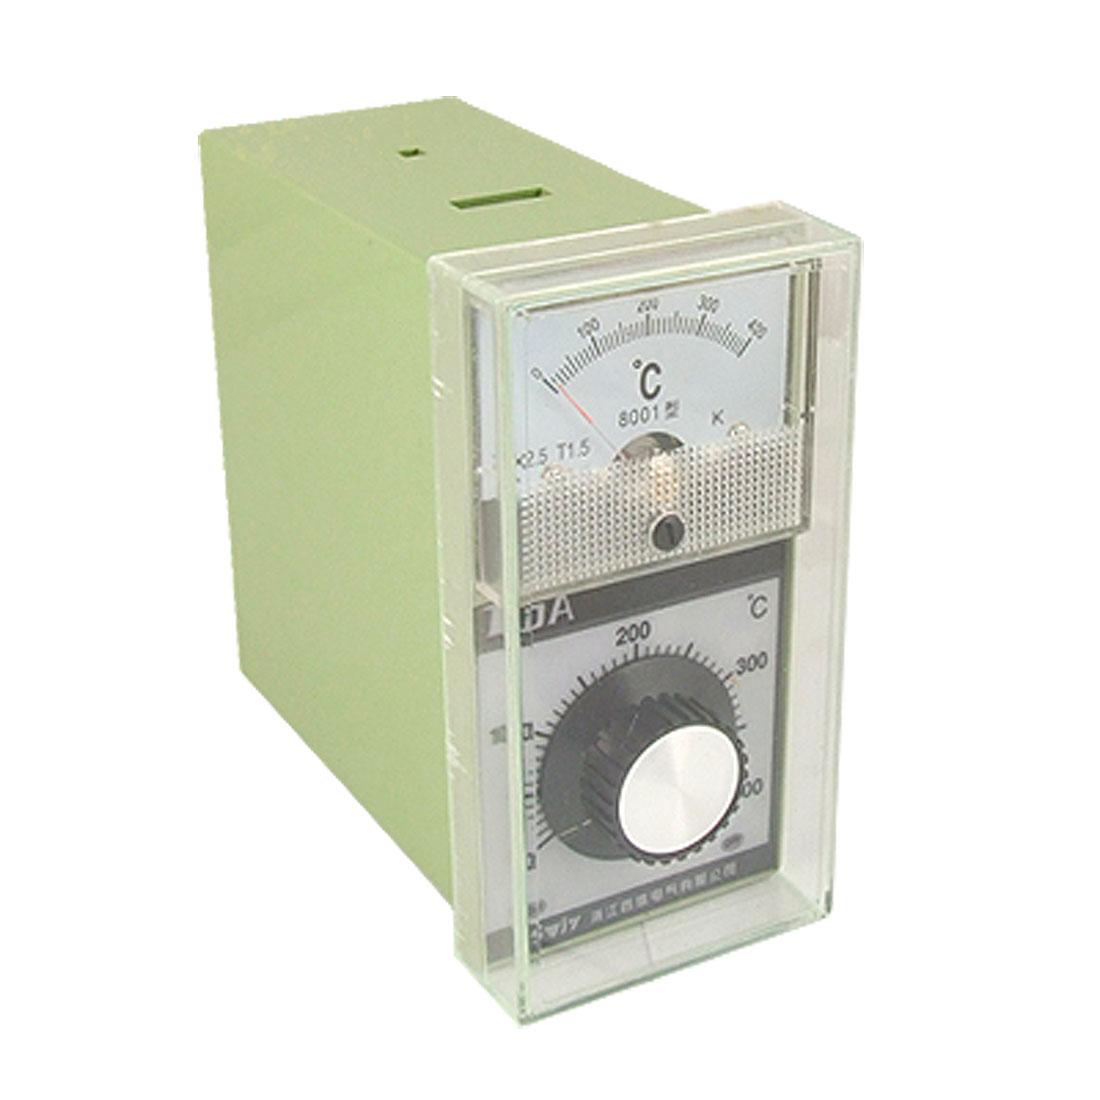 TDA-8001 0-400 Celsius Dial Setting Temperature Controller AC 220V